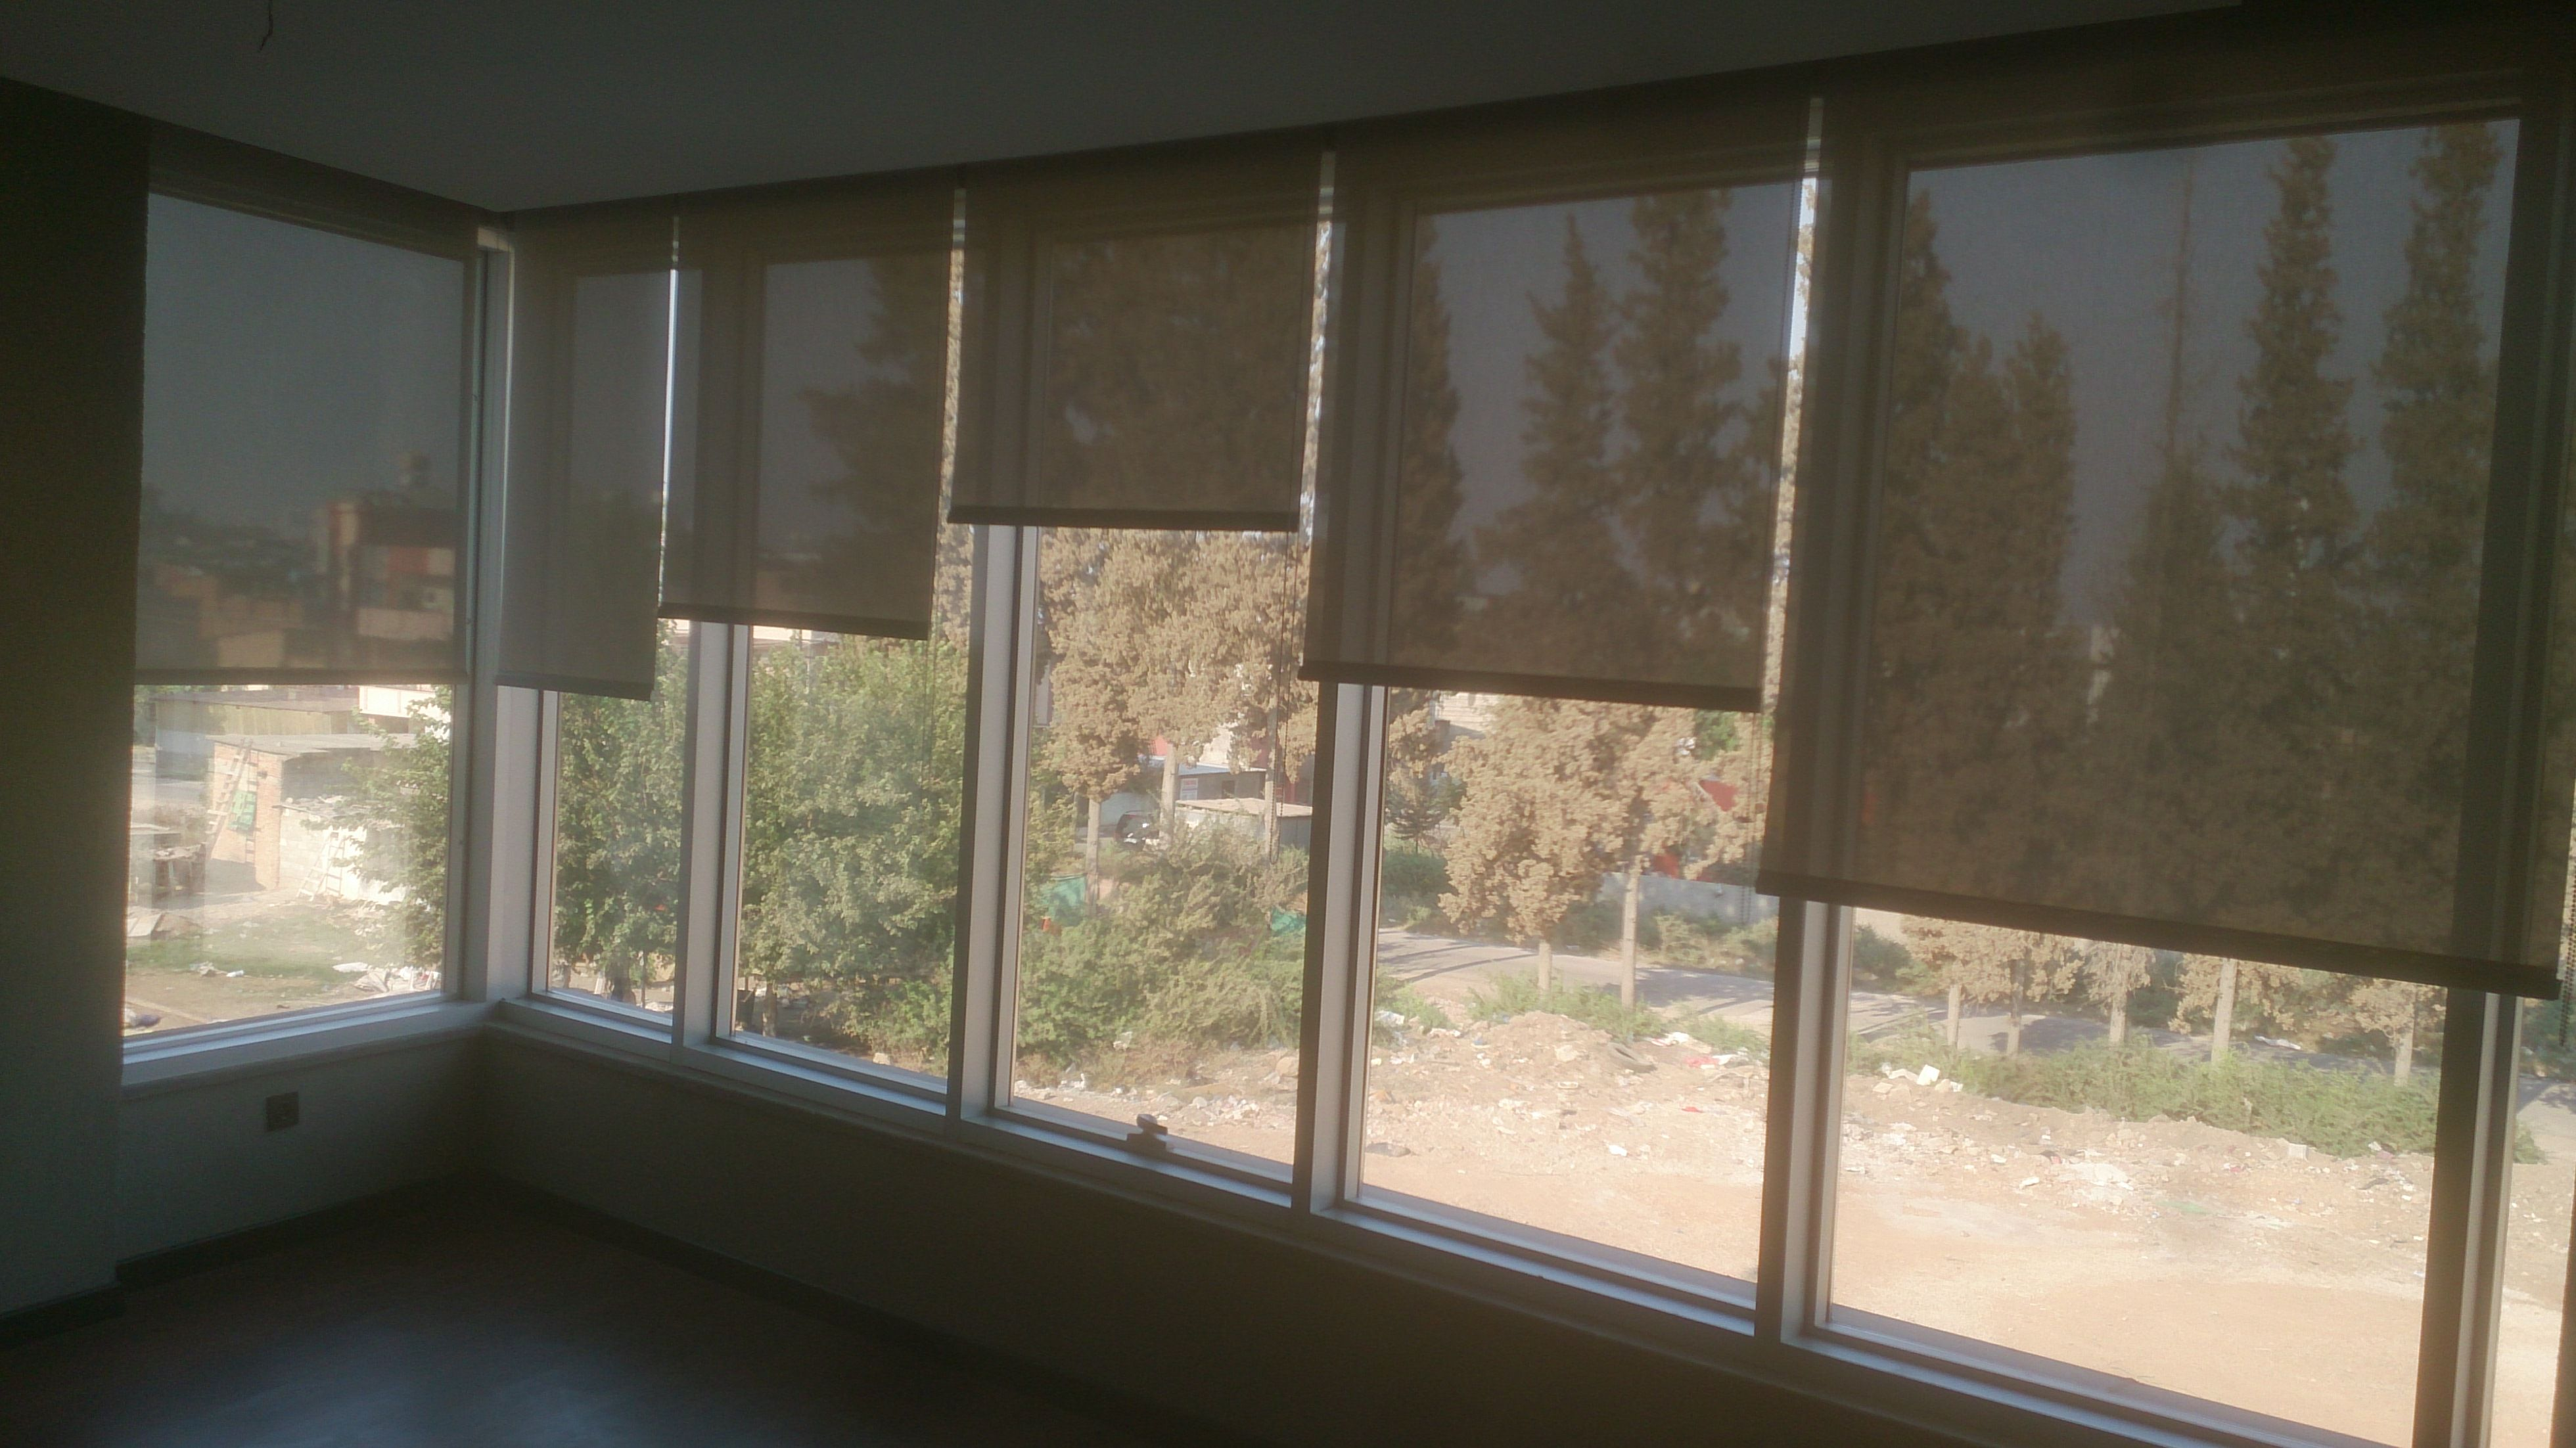 Zebra window coverings  pin by adana demay perde sistemleri on screen perde  pinterest  adana